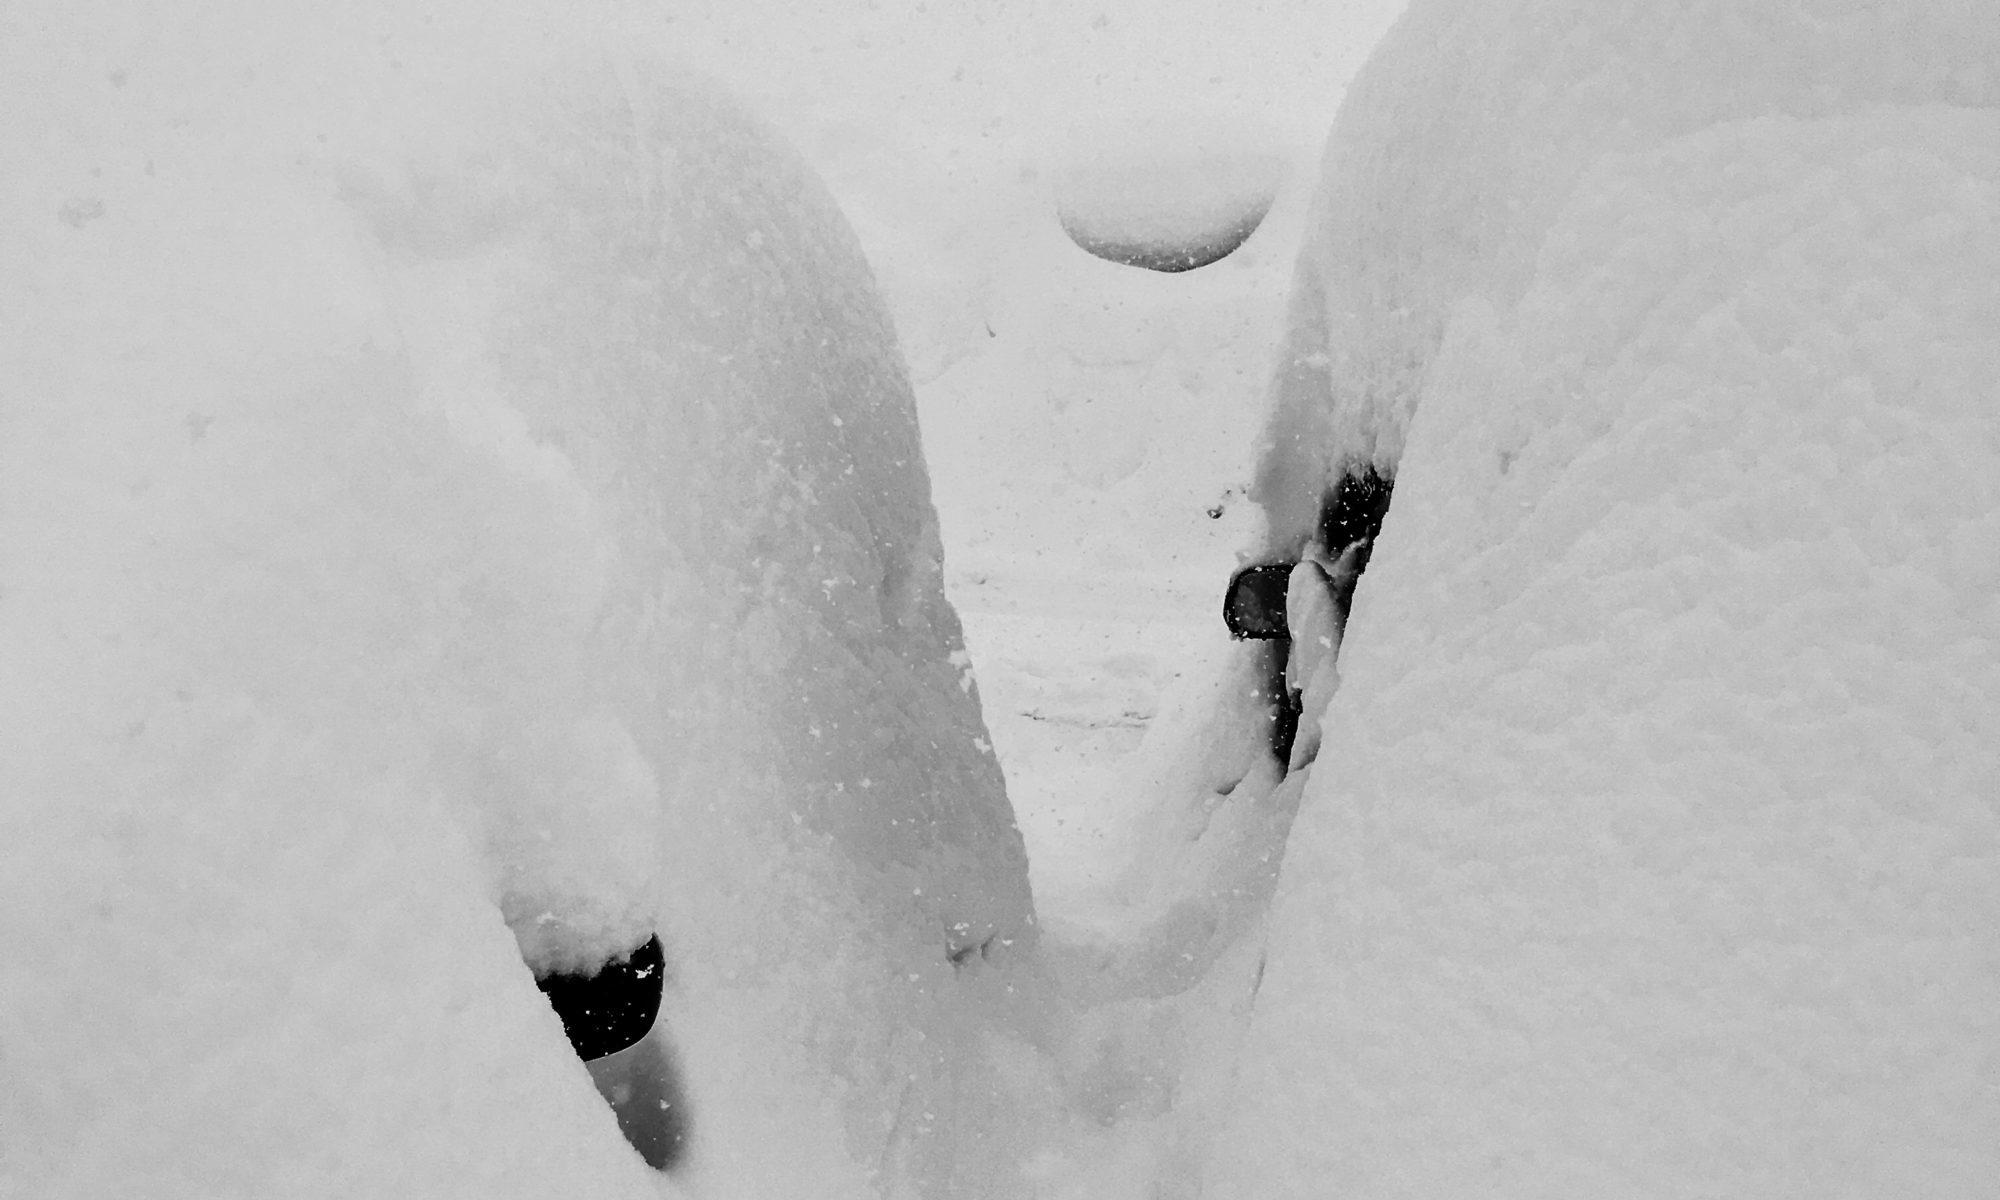 雪に埋もれた車